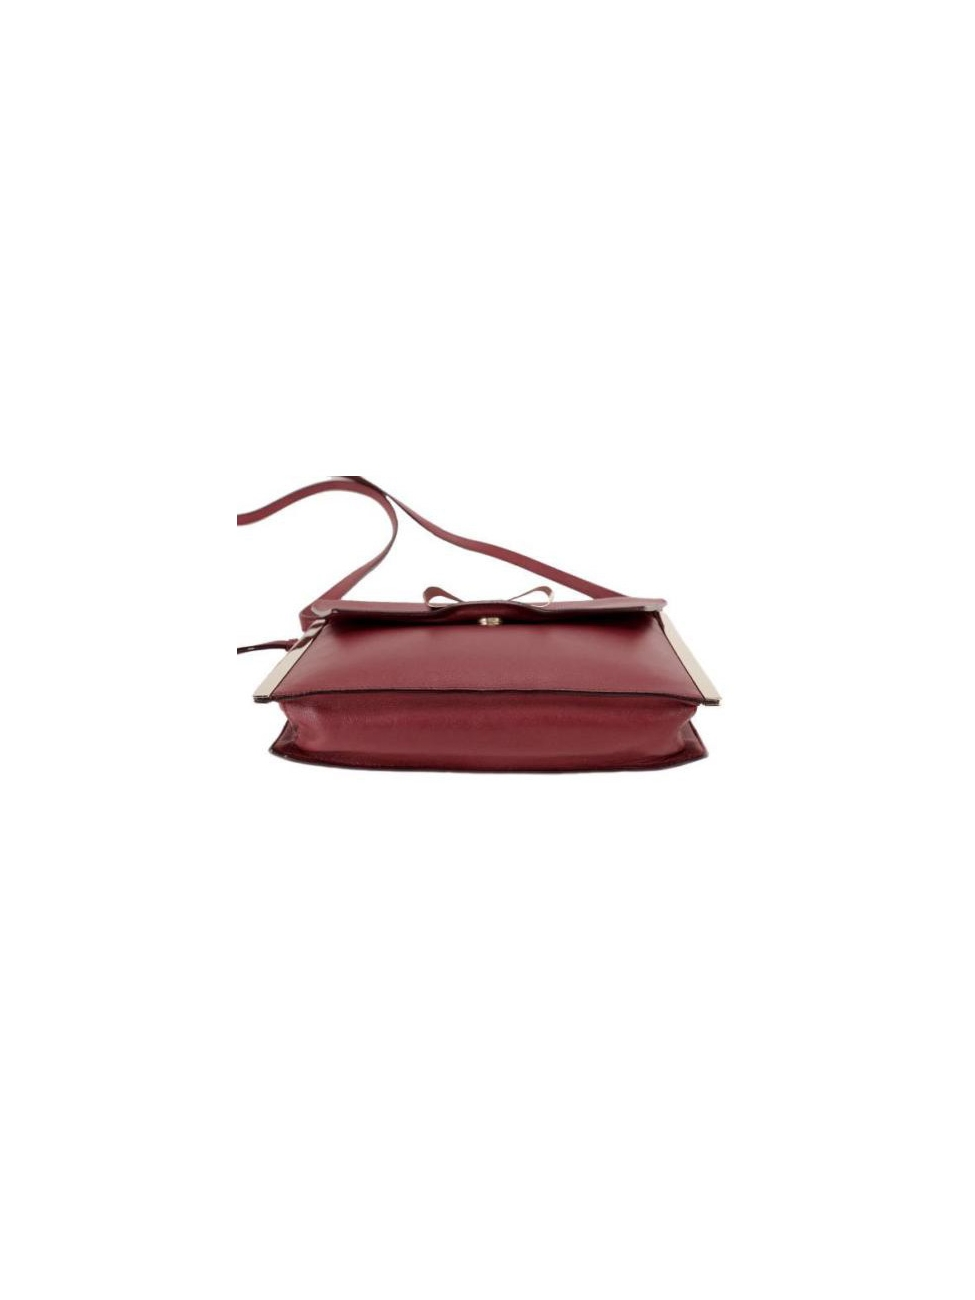 chloe python handbag - chloe bow embellished clutch, knockoff chloe bag